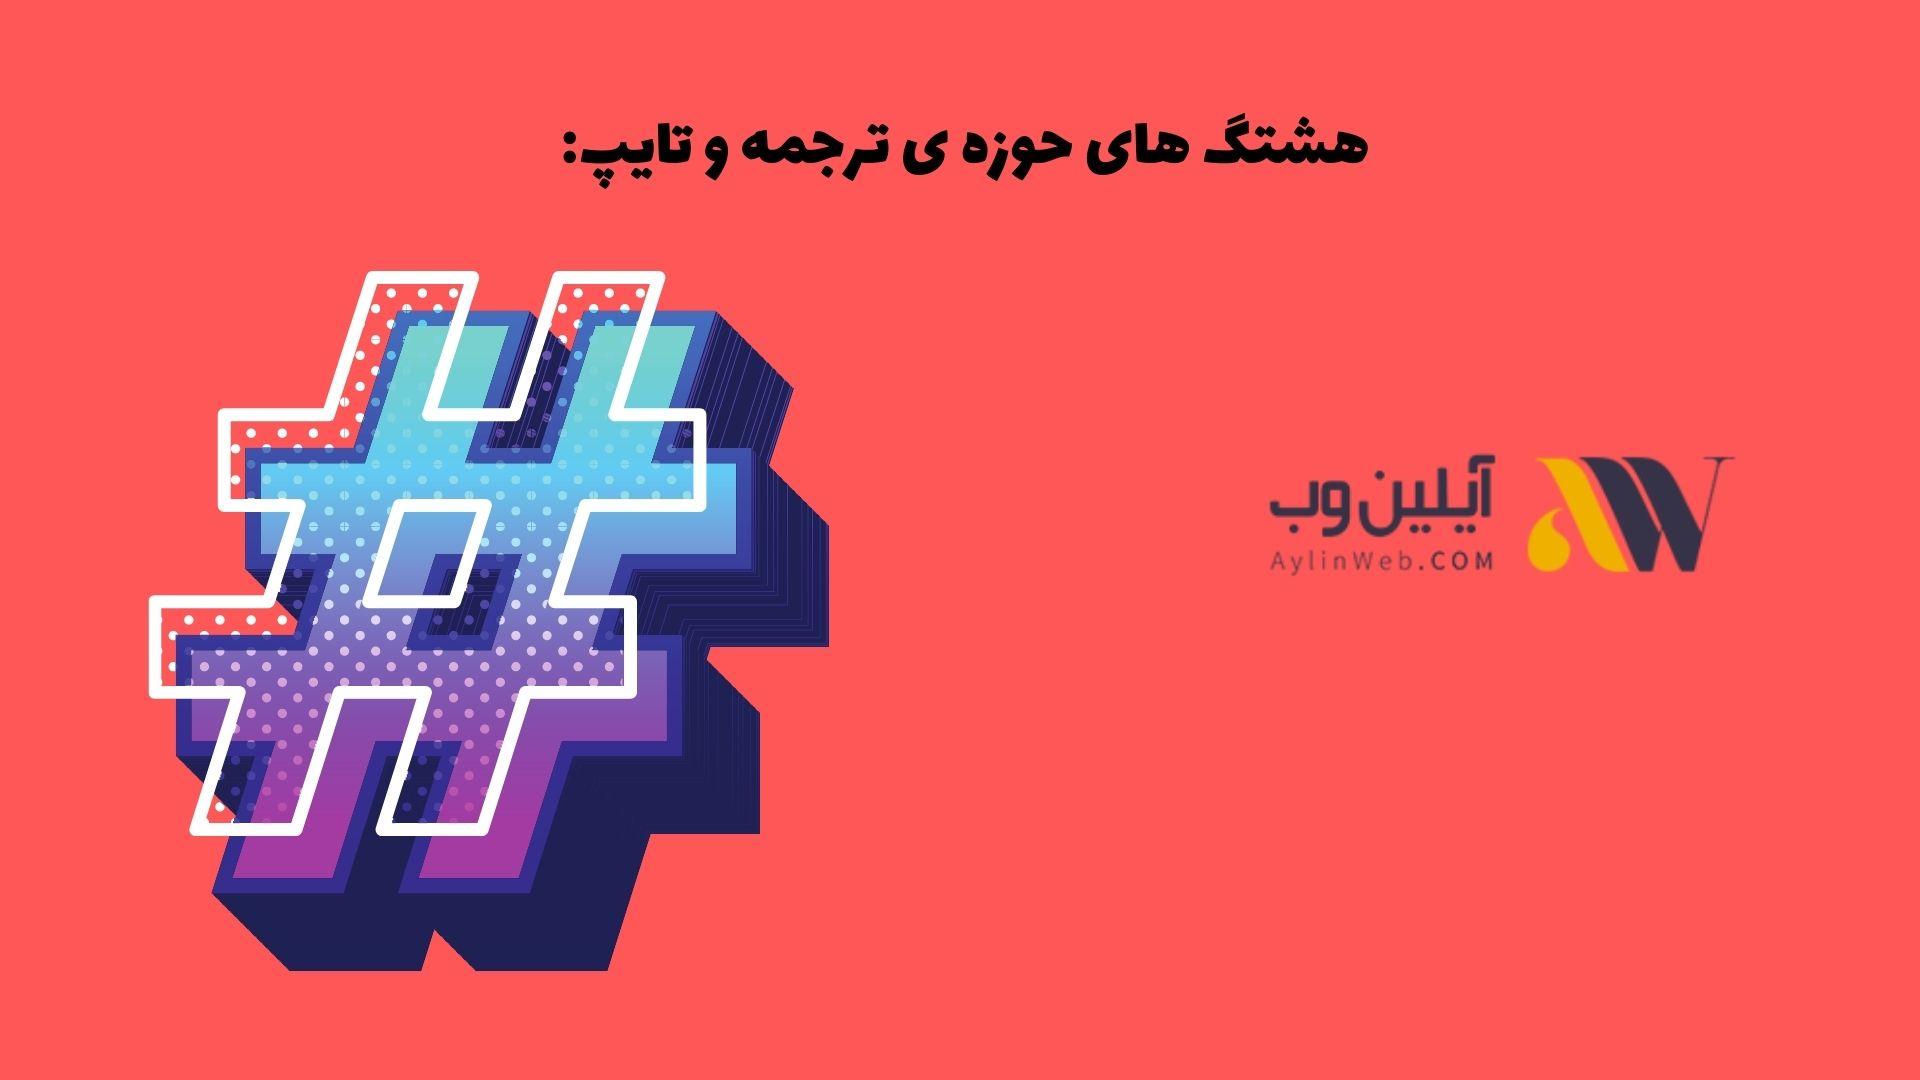 هشتگ های حوزه ی ترجمه و تایپ